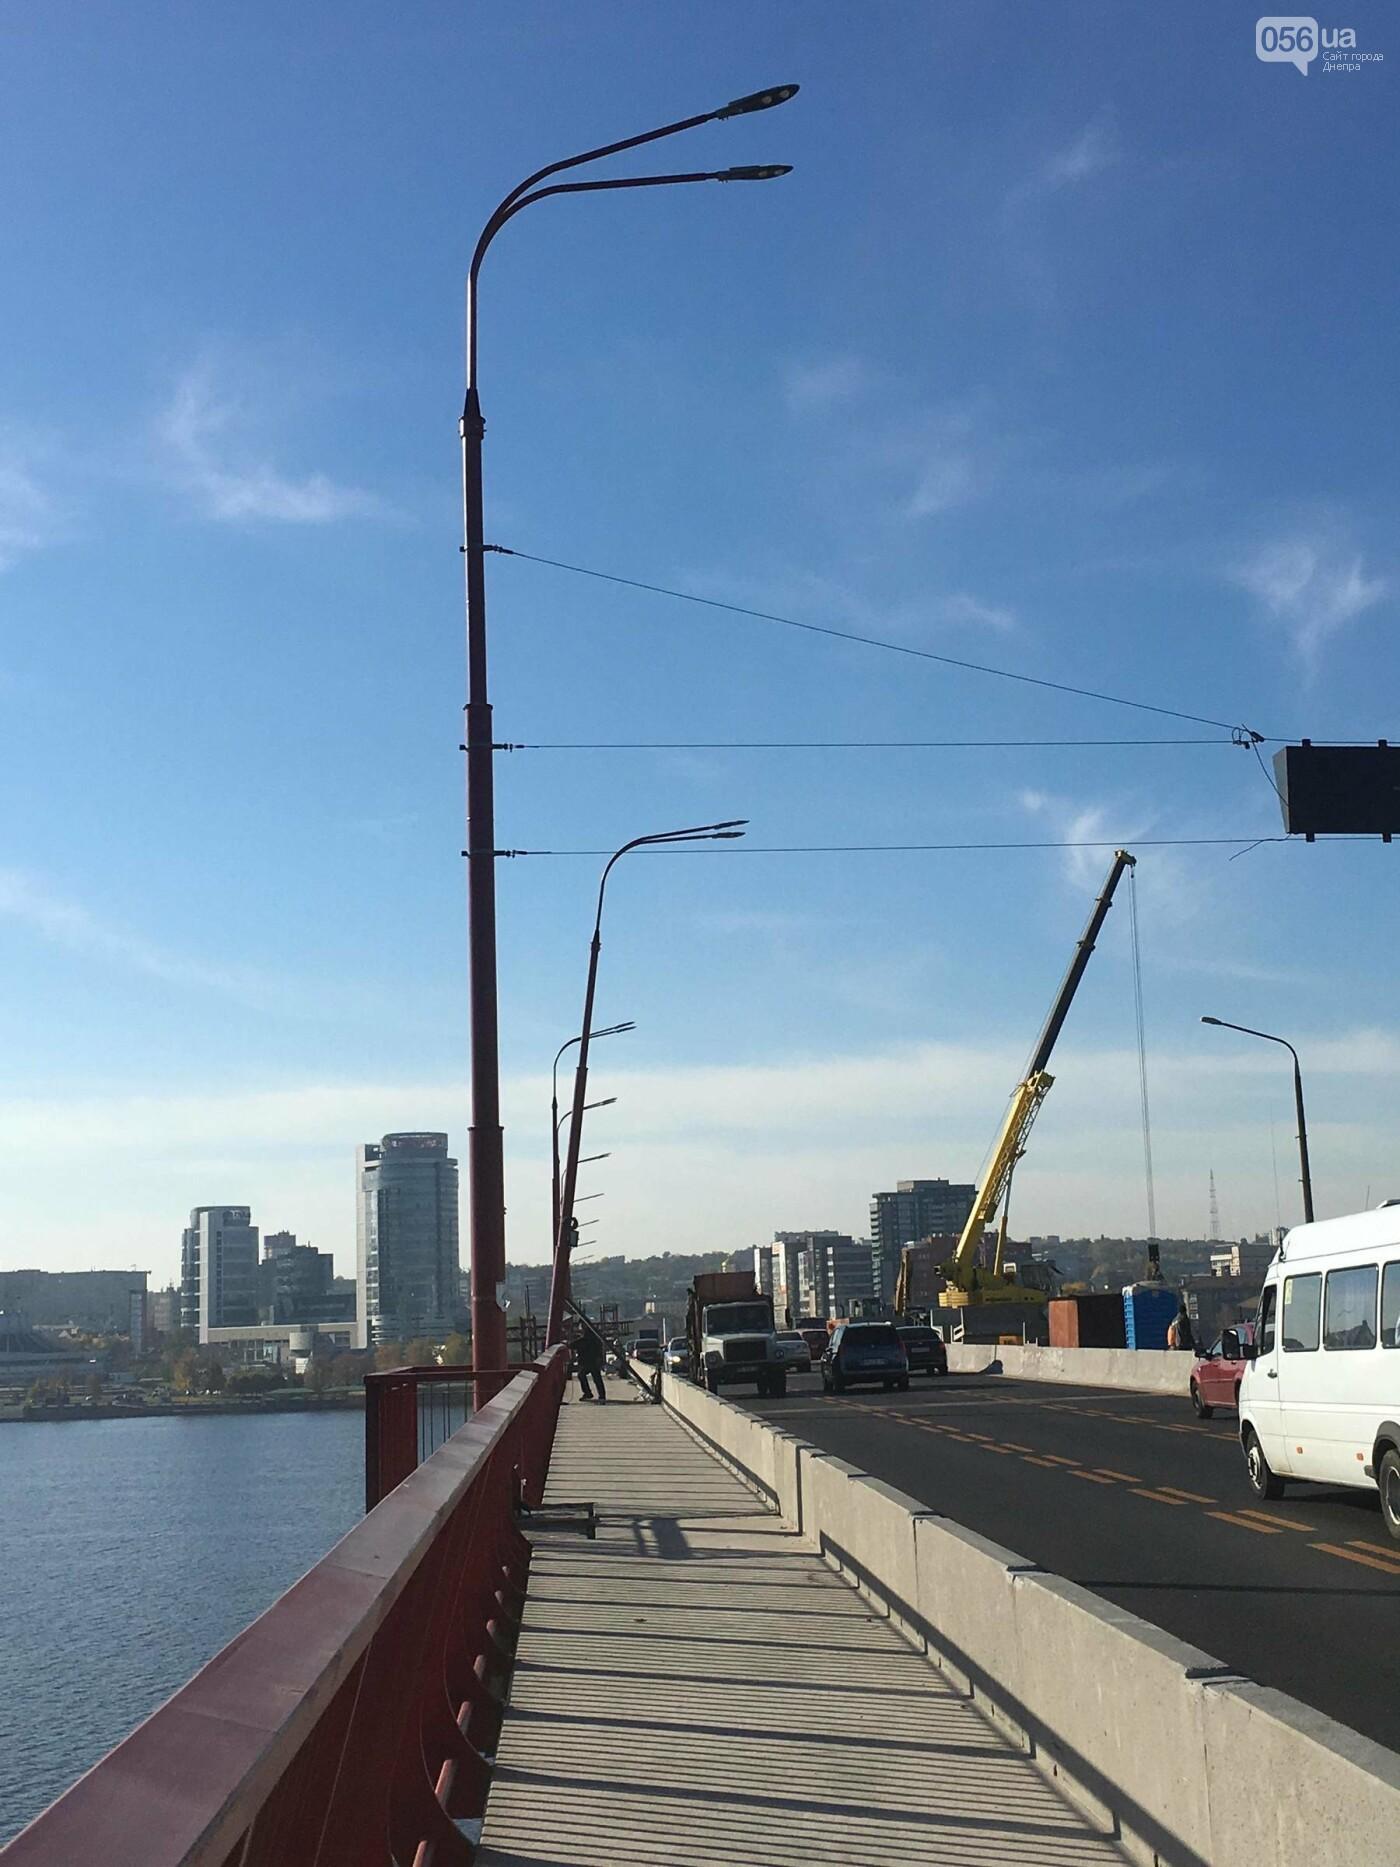 На Новом мосту в Днепре продолжает падать фонарный столб: что с ним будут делать, - ФОТО,  ВИДЕО, фото-2